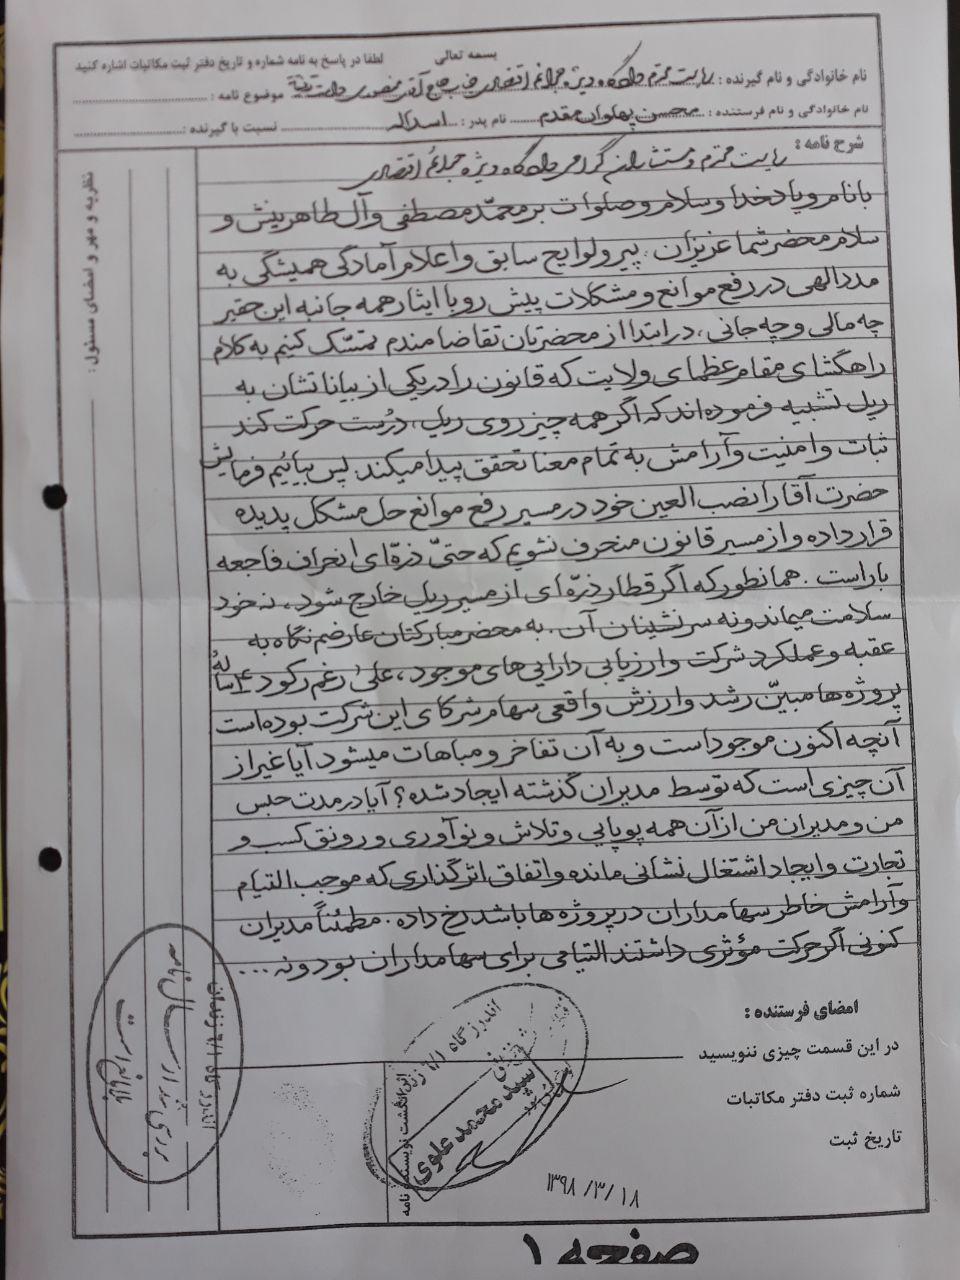 نامه سوم محسن پهلوان به قاضی منصوری - صفحه اول